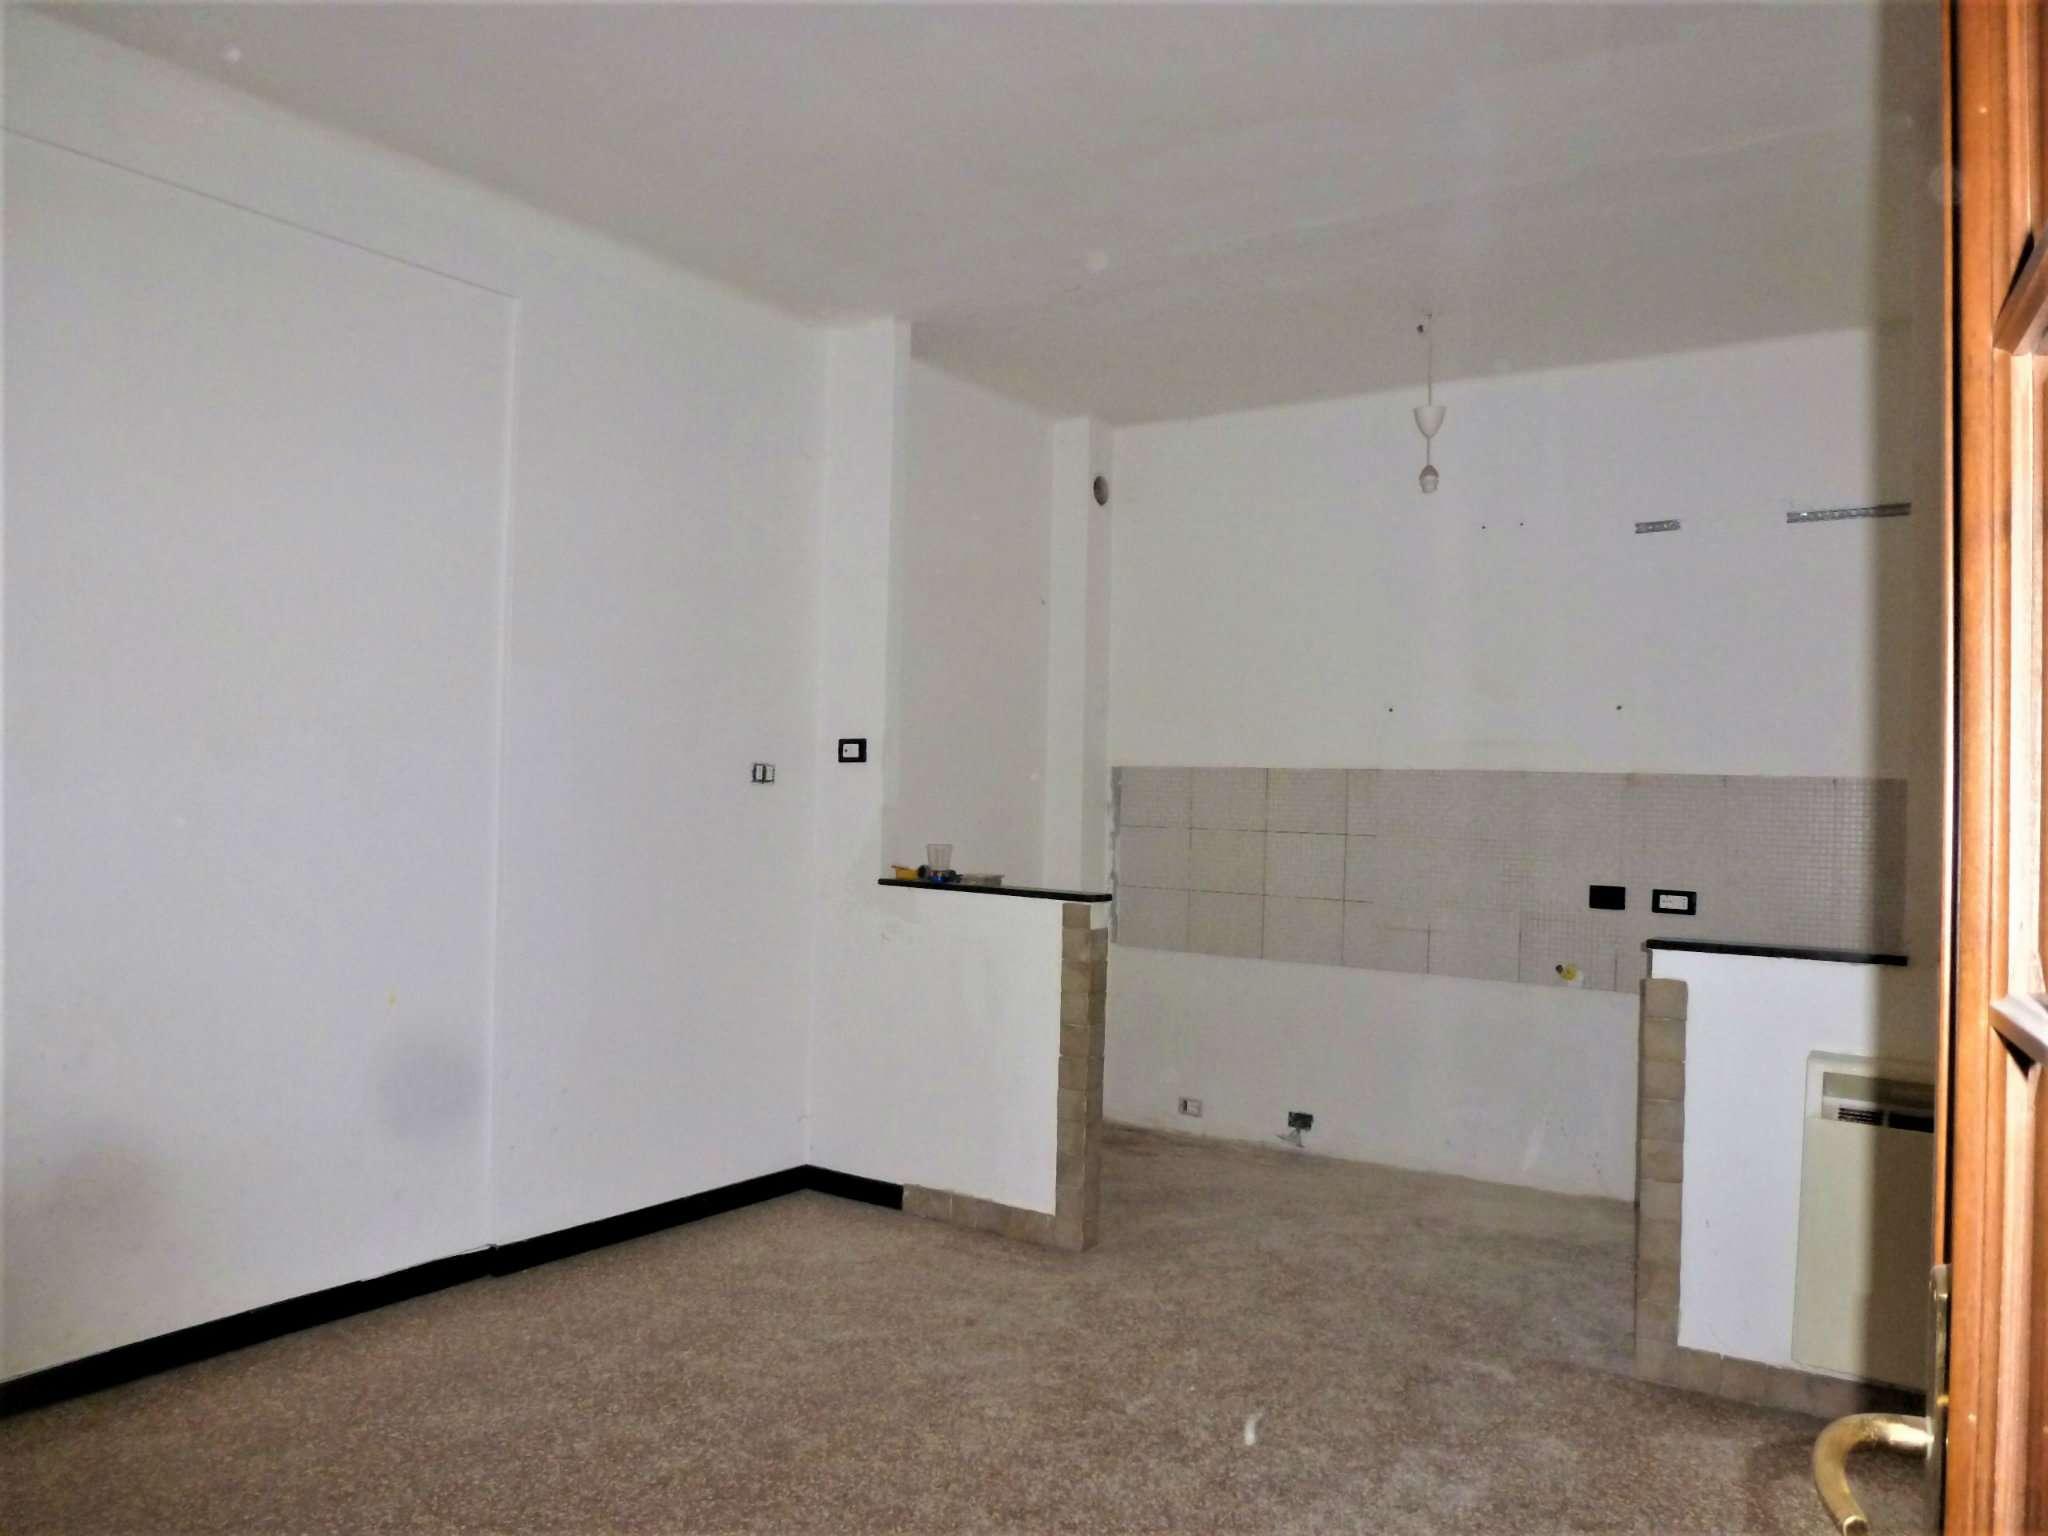 Appartamento in vendita a Campomorone, 4 locali, prezzo € 55.000 | Cambio Casa.it